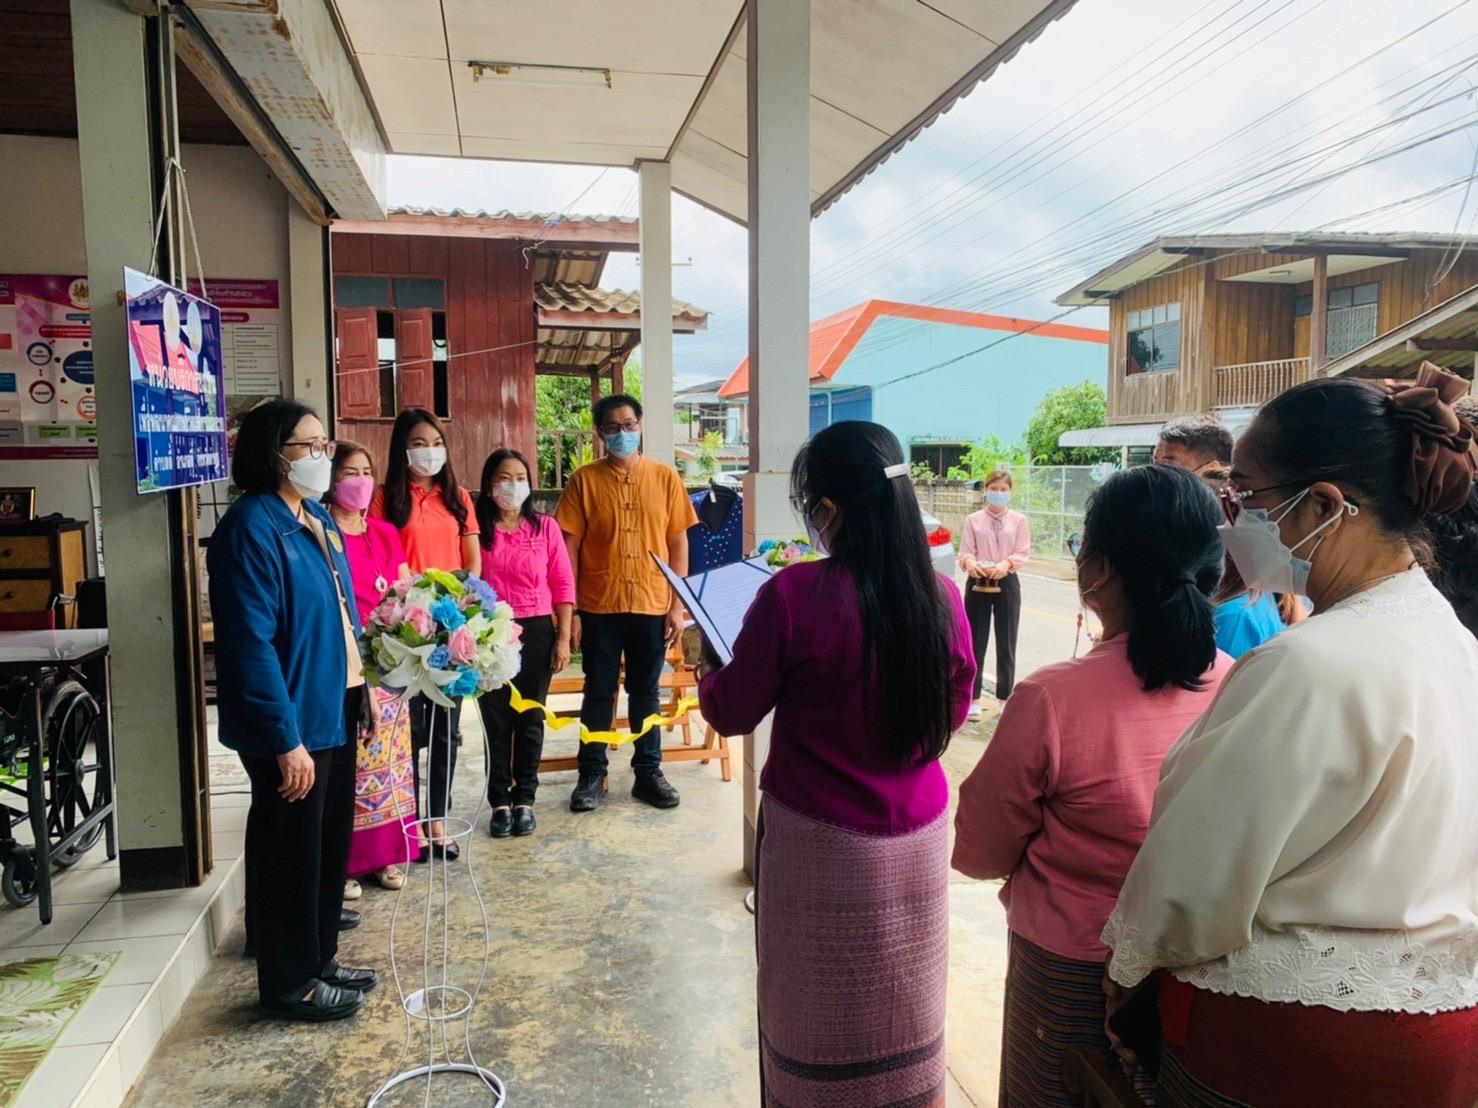 เปิดหน่วยบริการชุมชนเพื่อพัฒนาคุณภาพชีวิตแรงงานนอกระบบจังหวัดลำพูน จำนวน 3 แห่ง